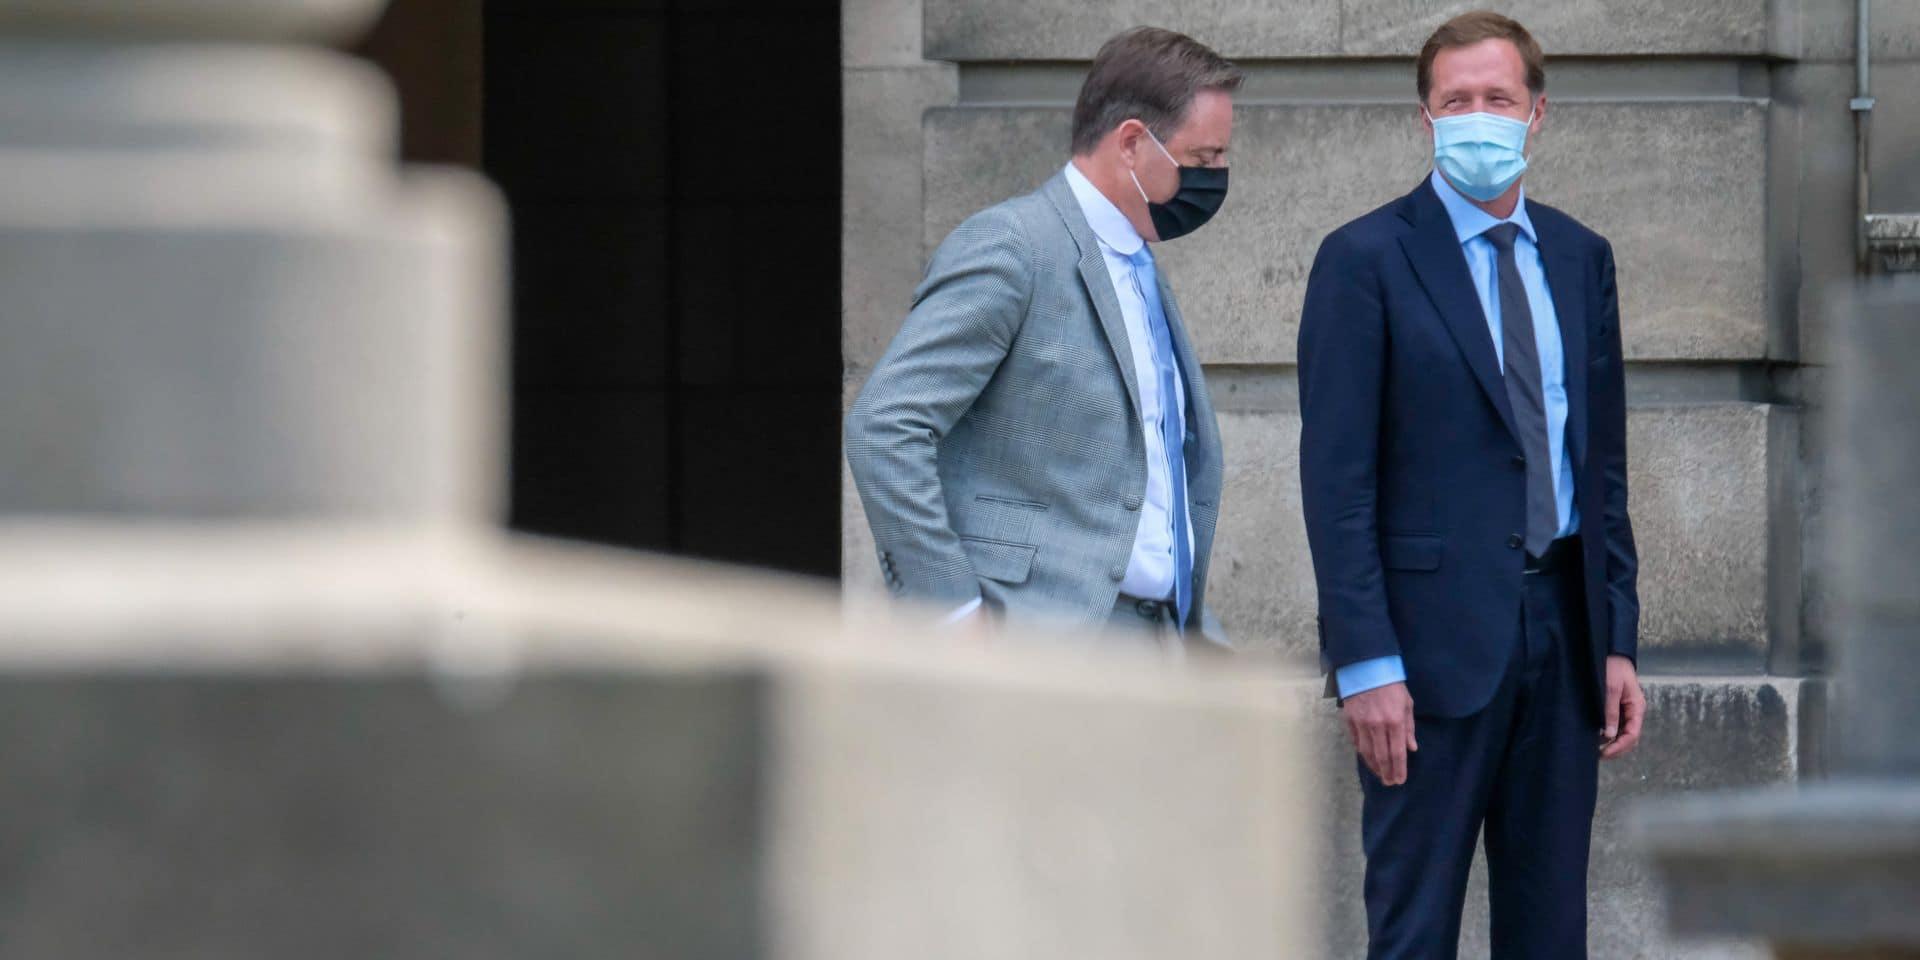 Formation fédérale: Paul Magnette et Bart De Wever ont une semaine pour convaincre